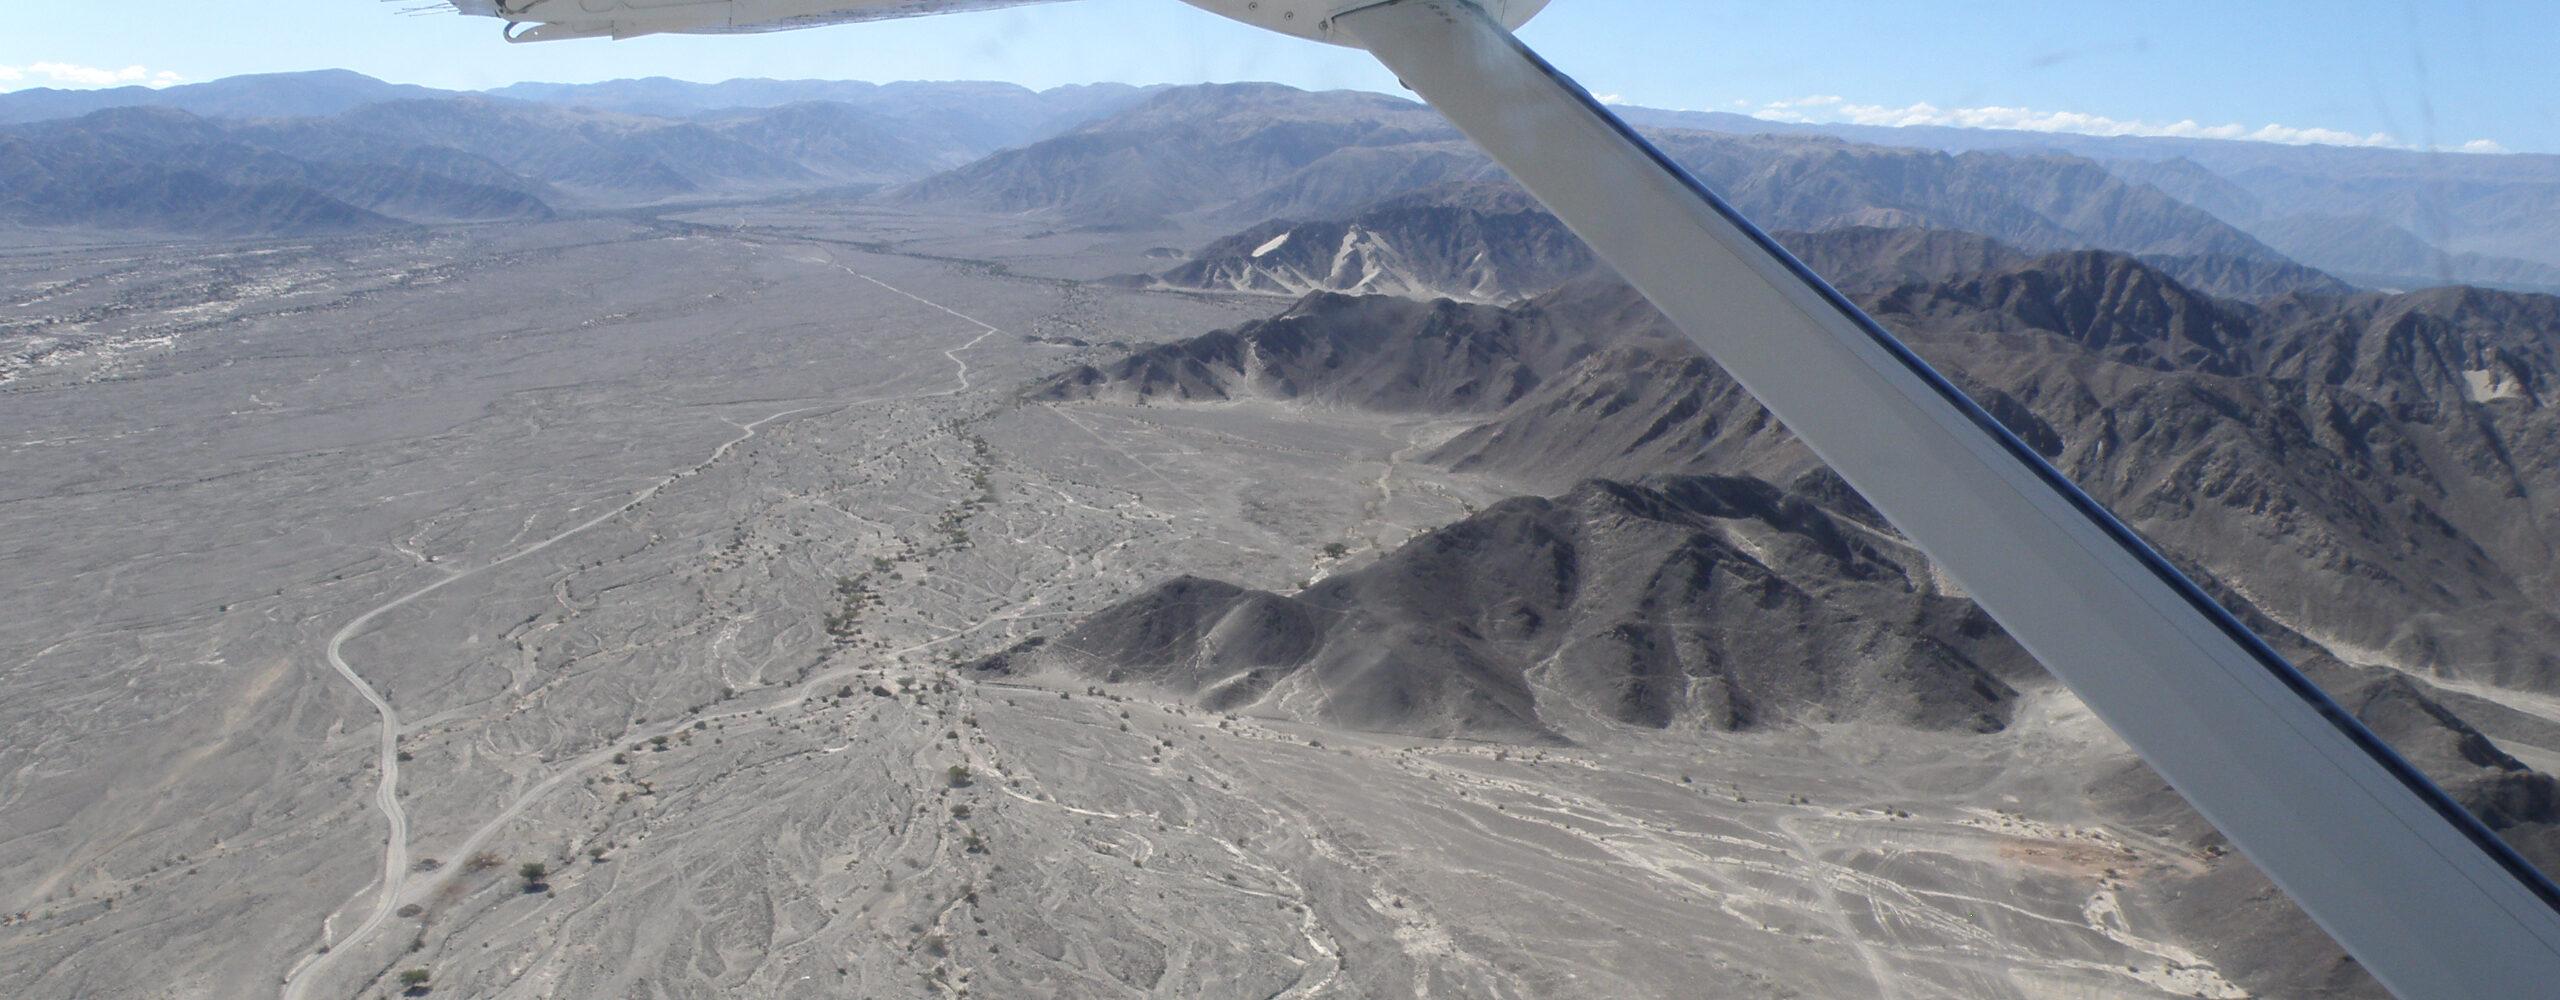 Перу. Полёт над линиями Наска.